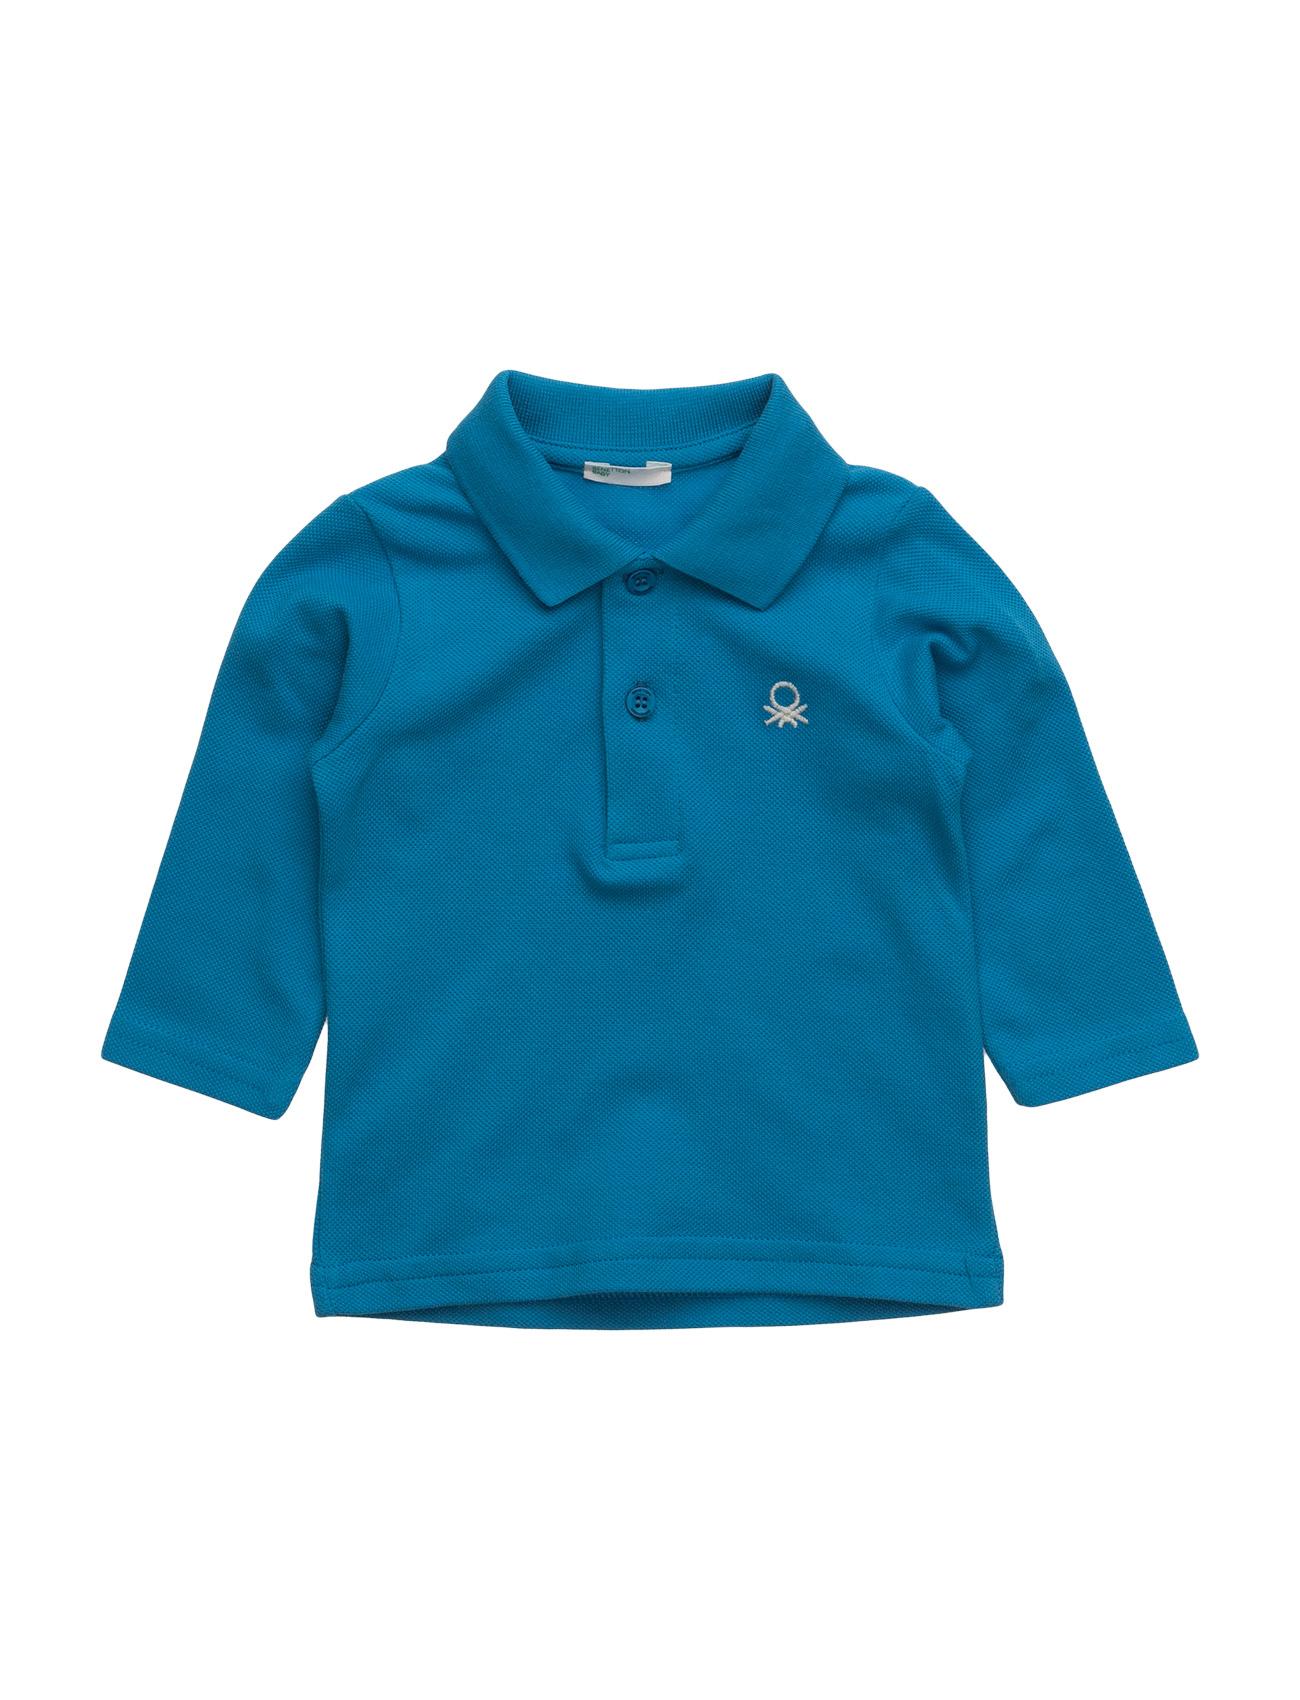 L/S Polo Shirt United Colors of Benetton Langærmede t-shirts til Børn i Blå